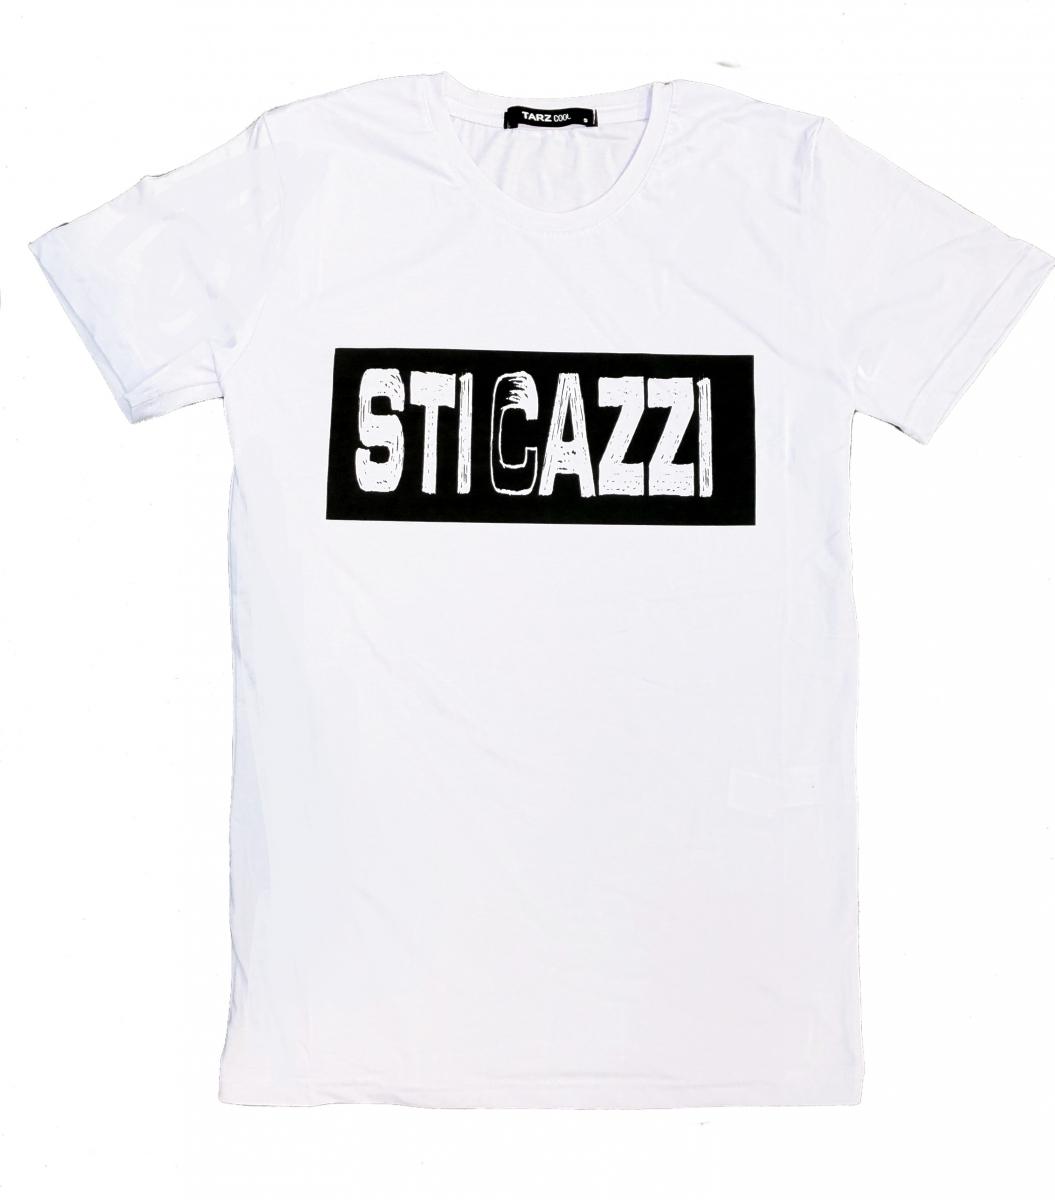 wholesale dealer e3ce7 f9c37 T shirt donna - Maglietta bianca con Scritta divertente - T shirt sti cazzi